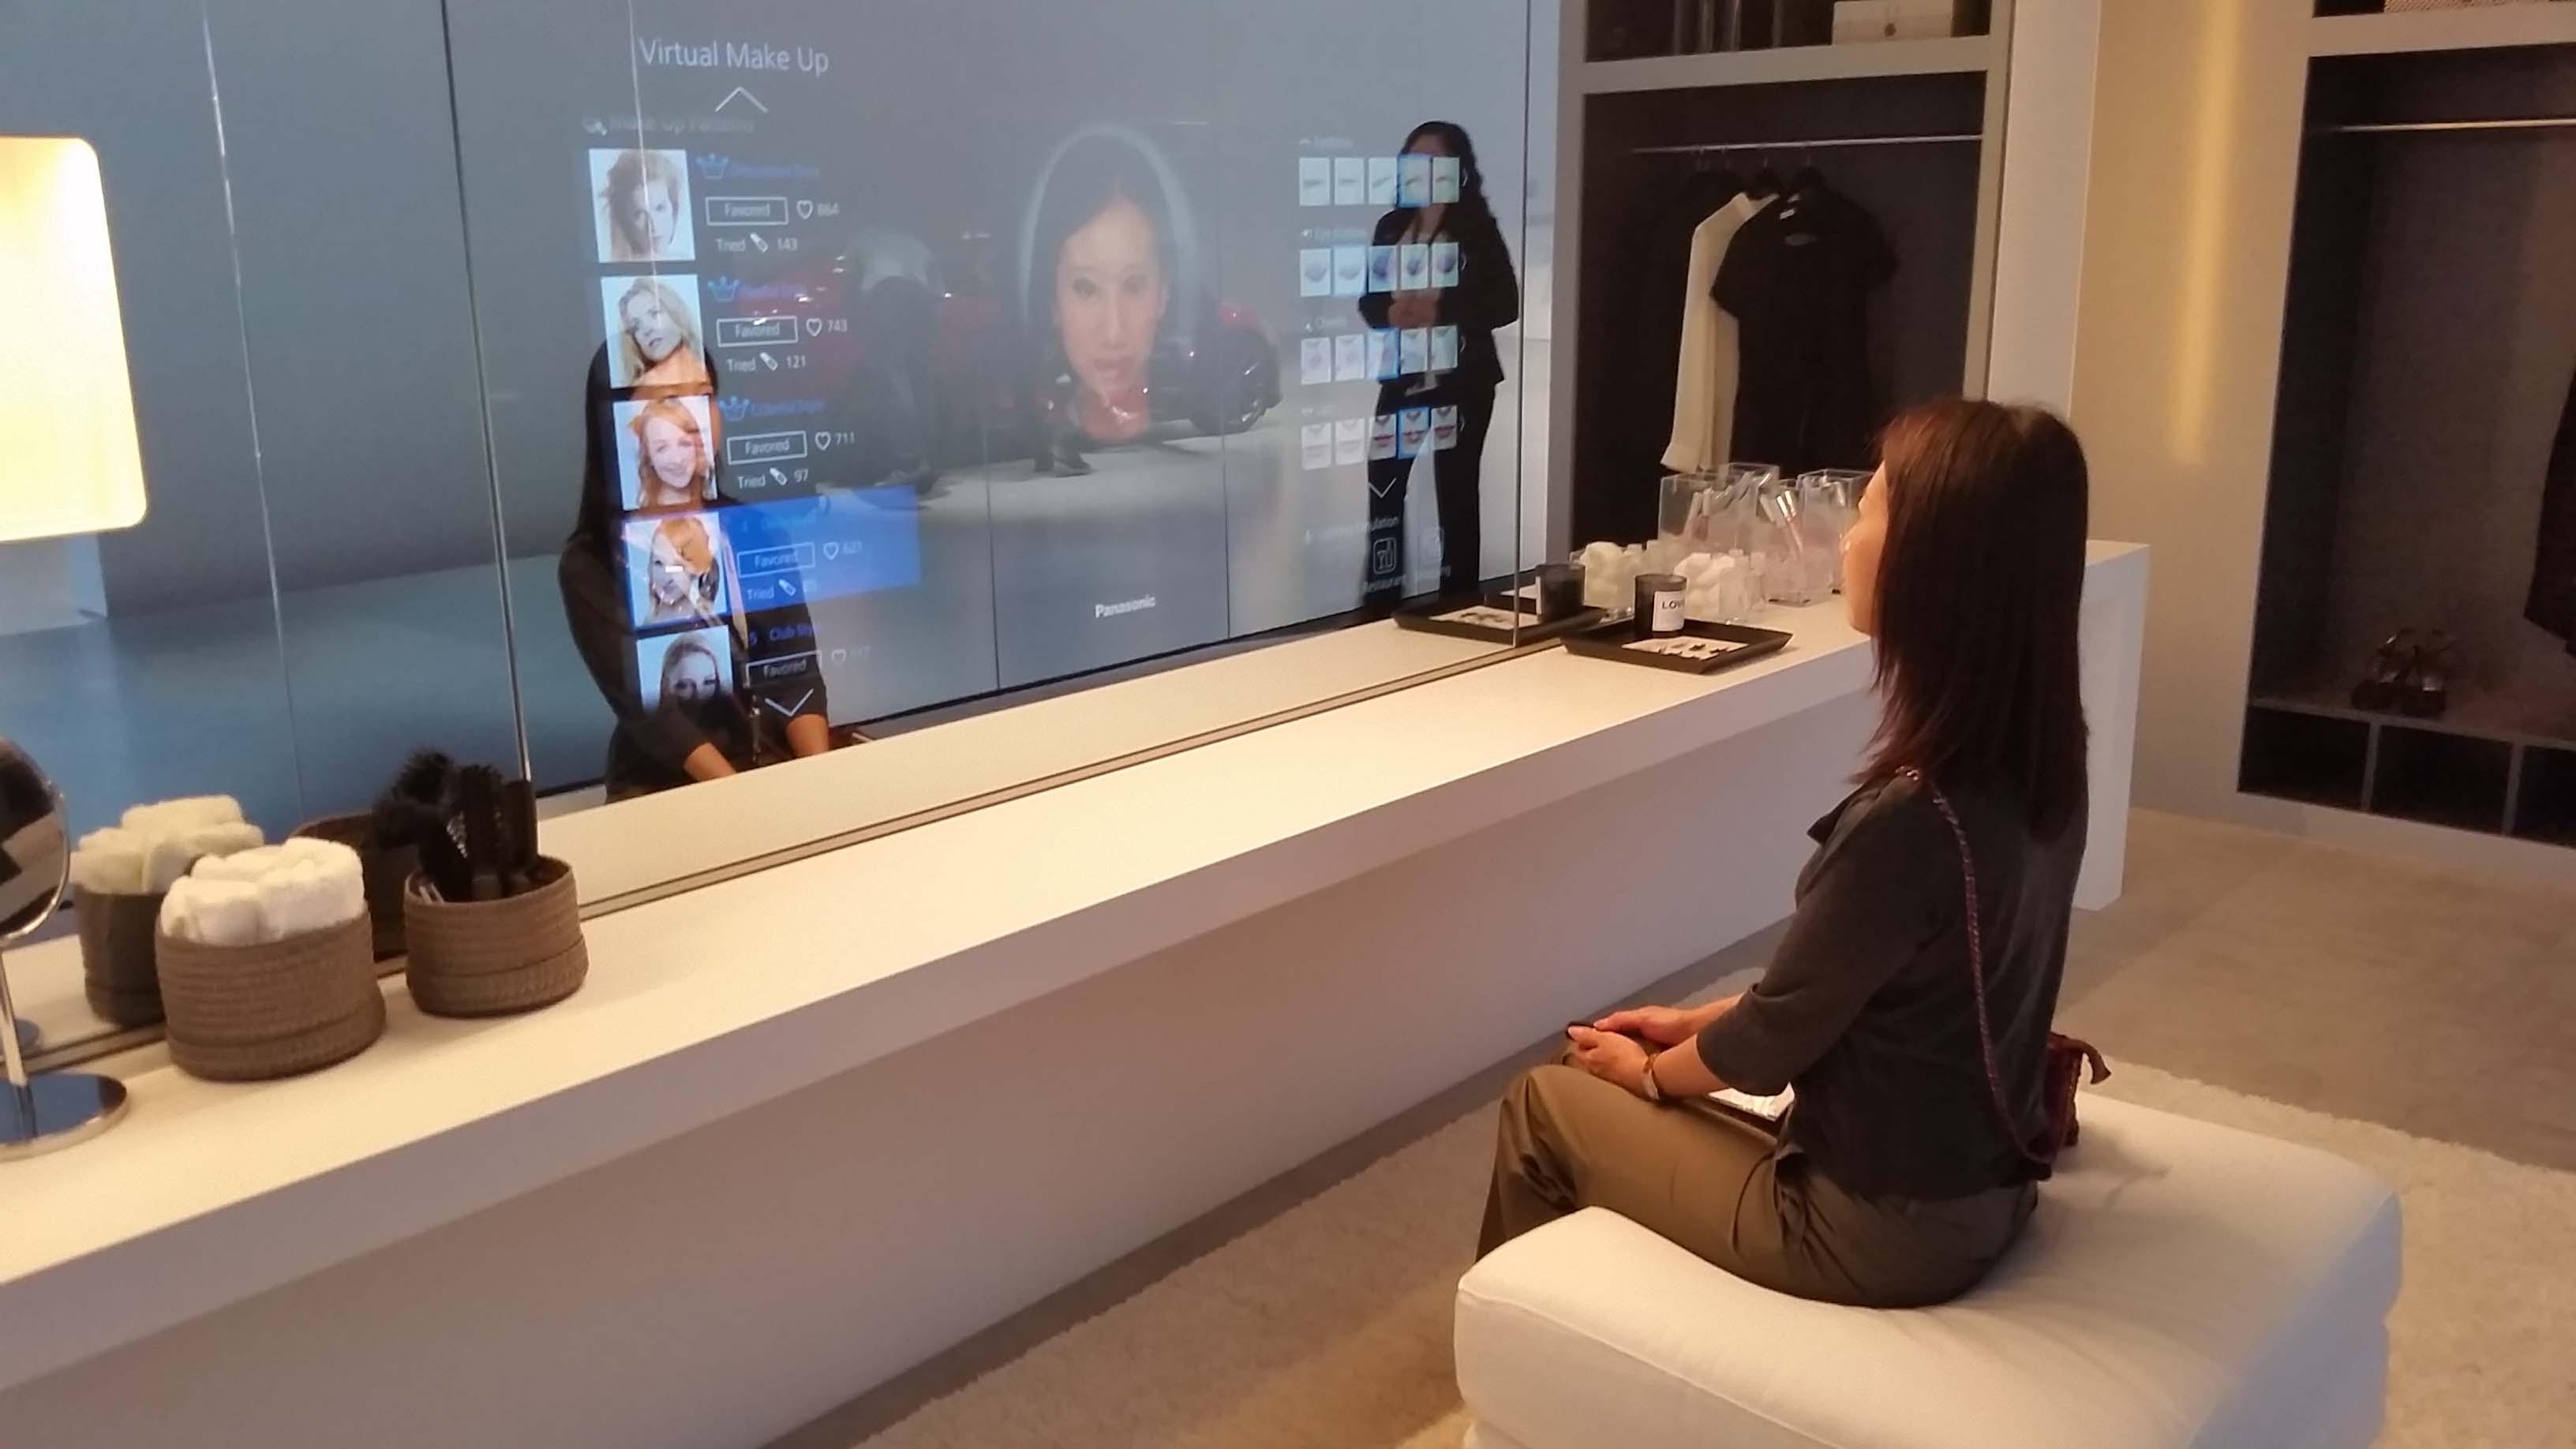 Ifa 2014 la r alit virtuelle dans votre chambre coucher for Simuler sa cuisine